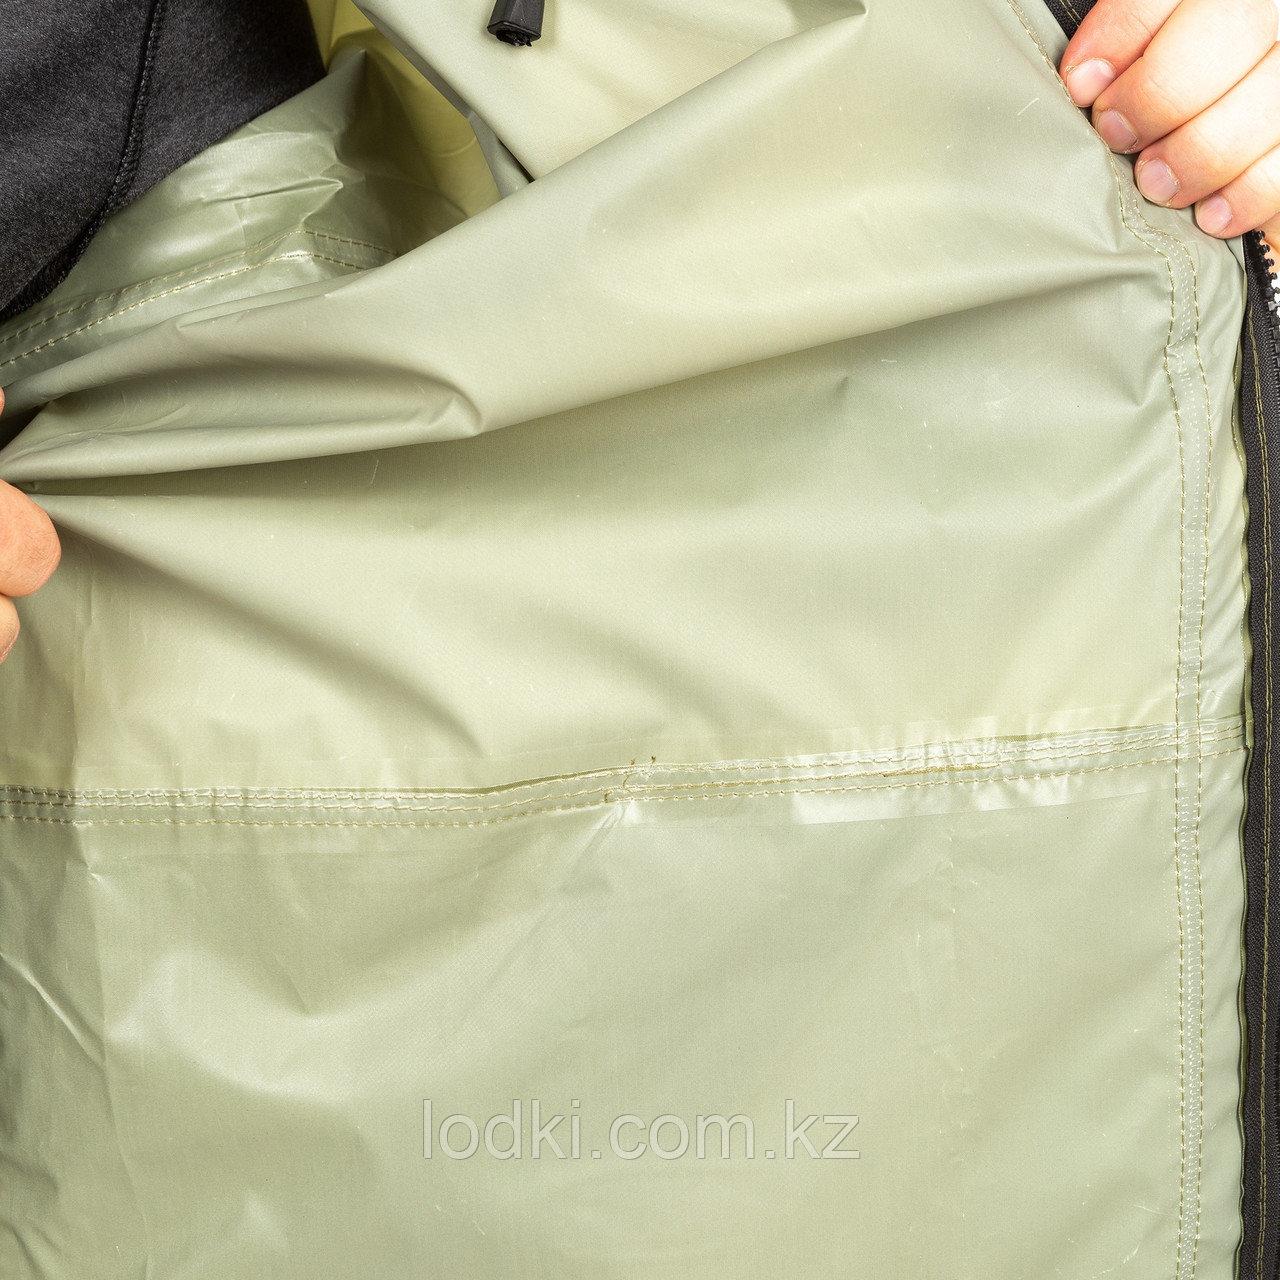 Костюм дождевик ВВЗ Шторм цвет Зеленый ткань Таффета PVC 20000мм Размеры от44до64 - фото 3